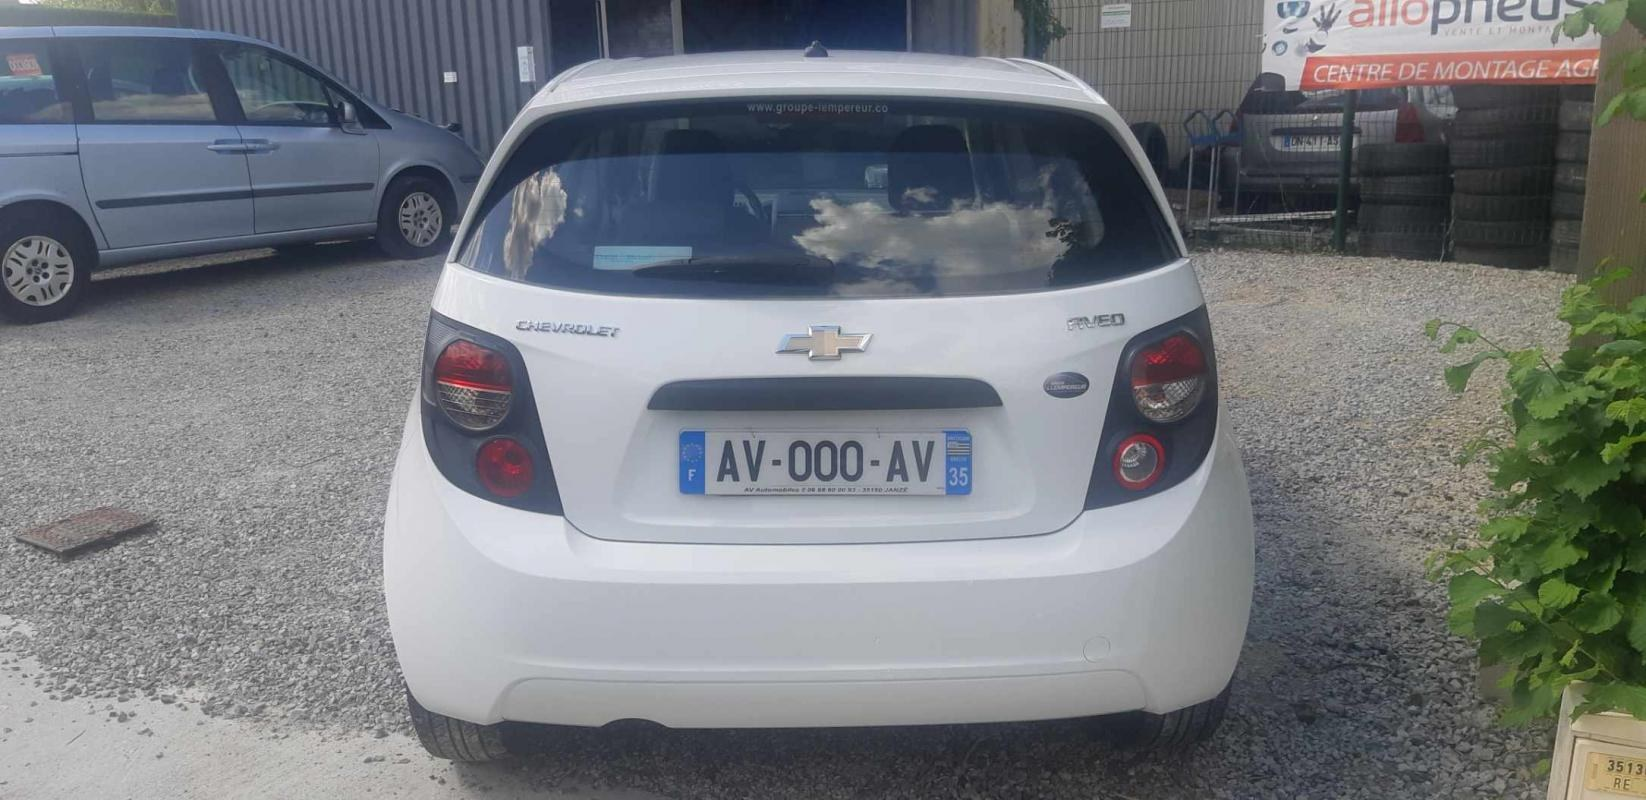 Chevrolet Aveo CITADINE